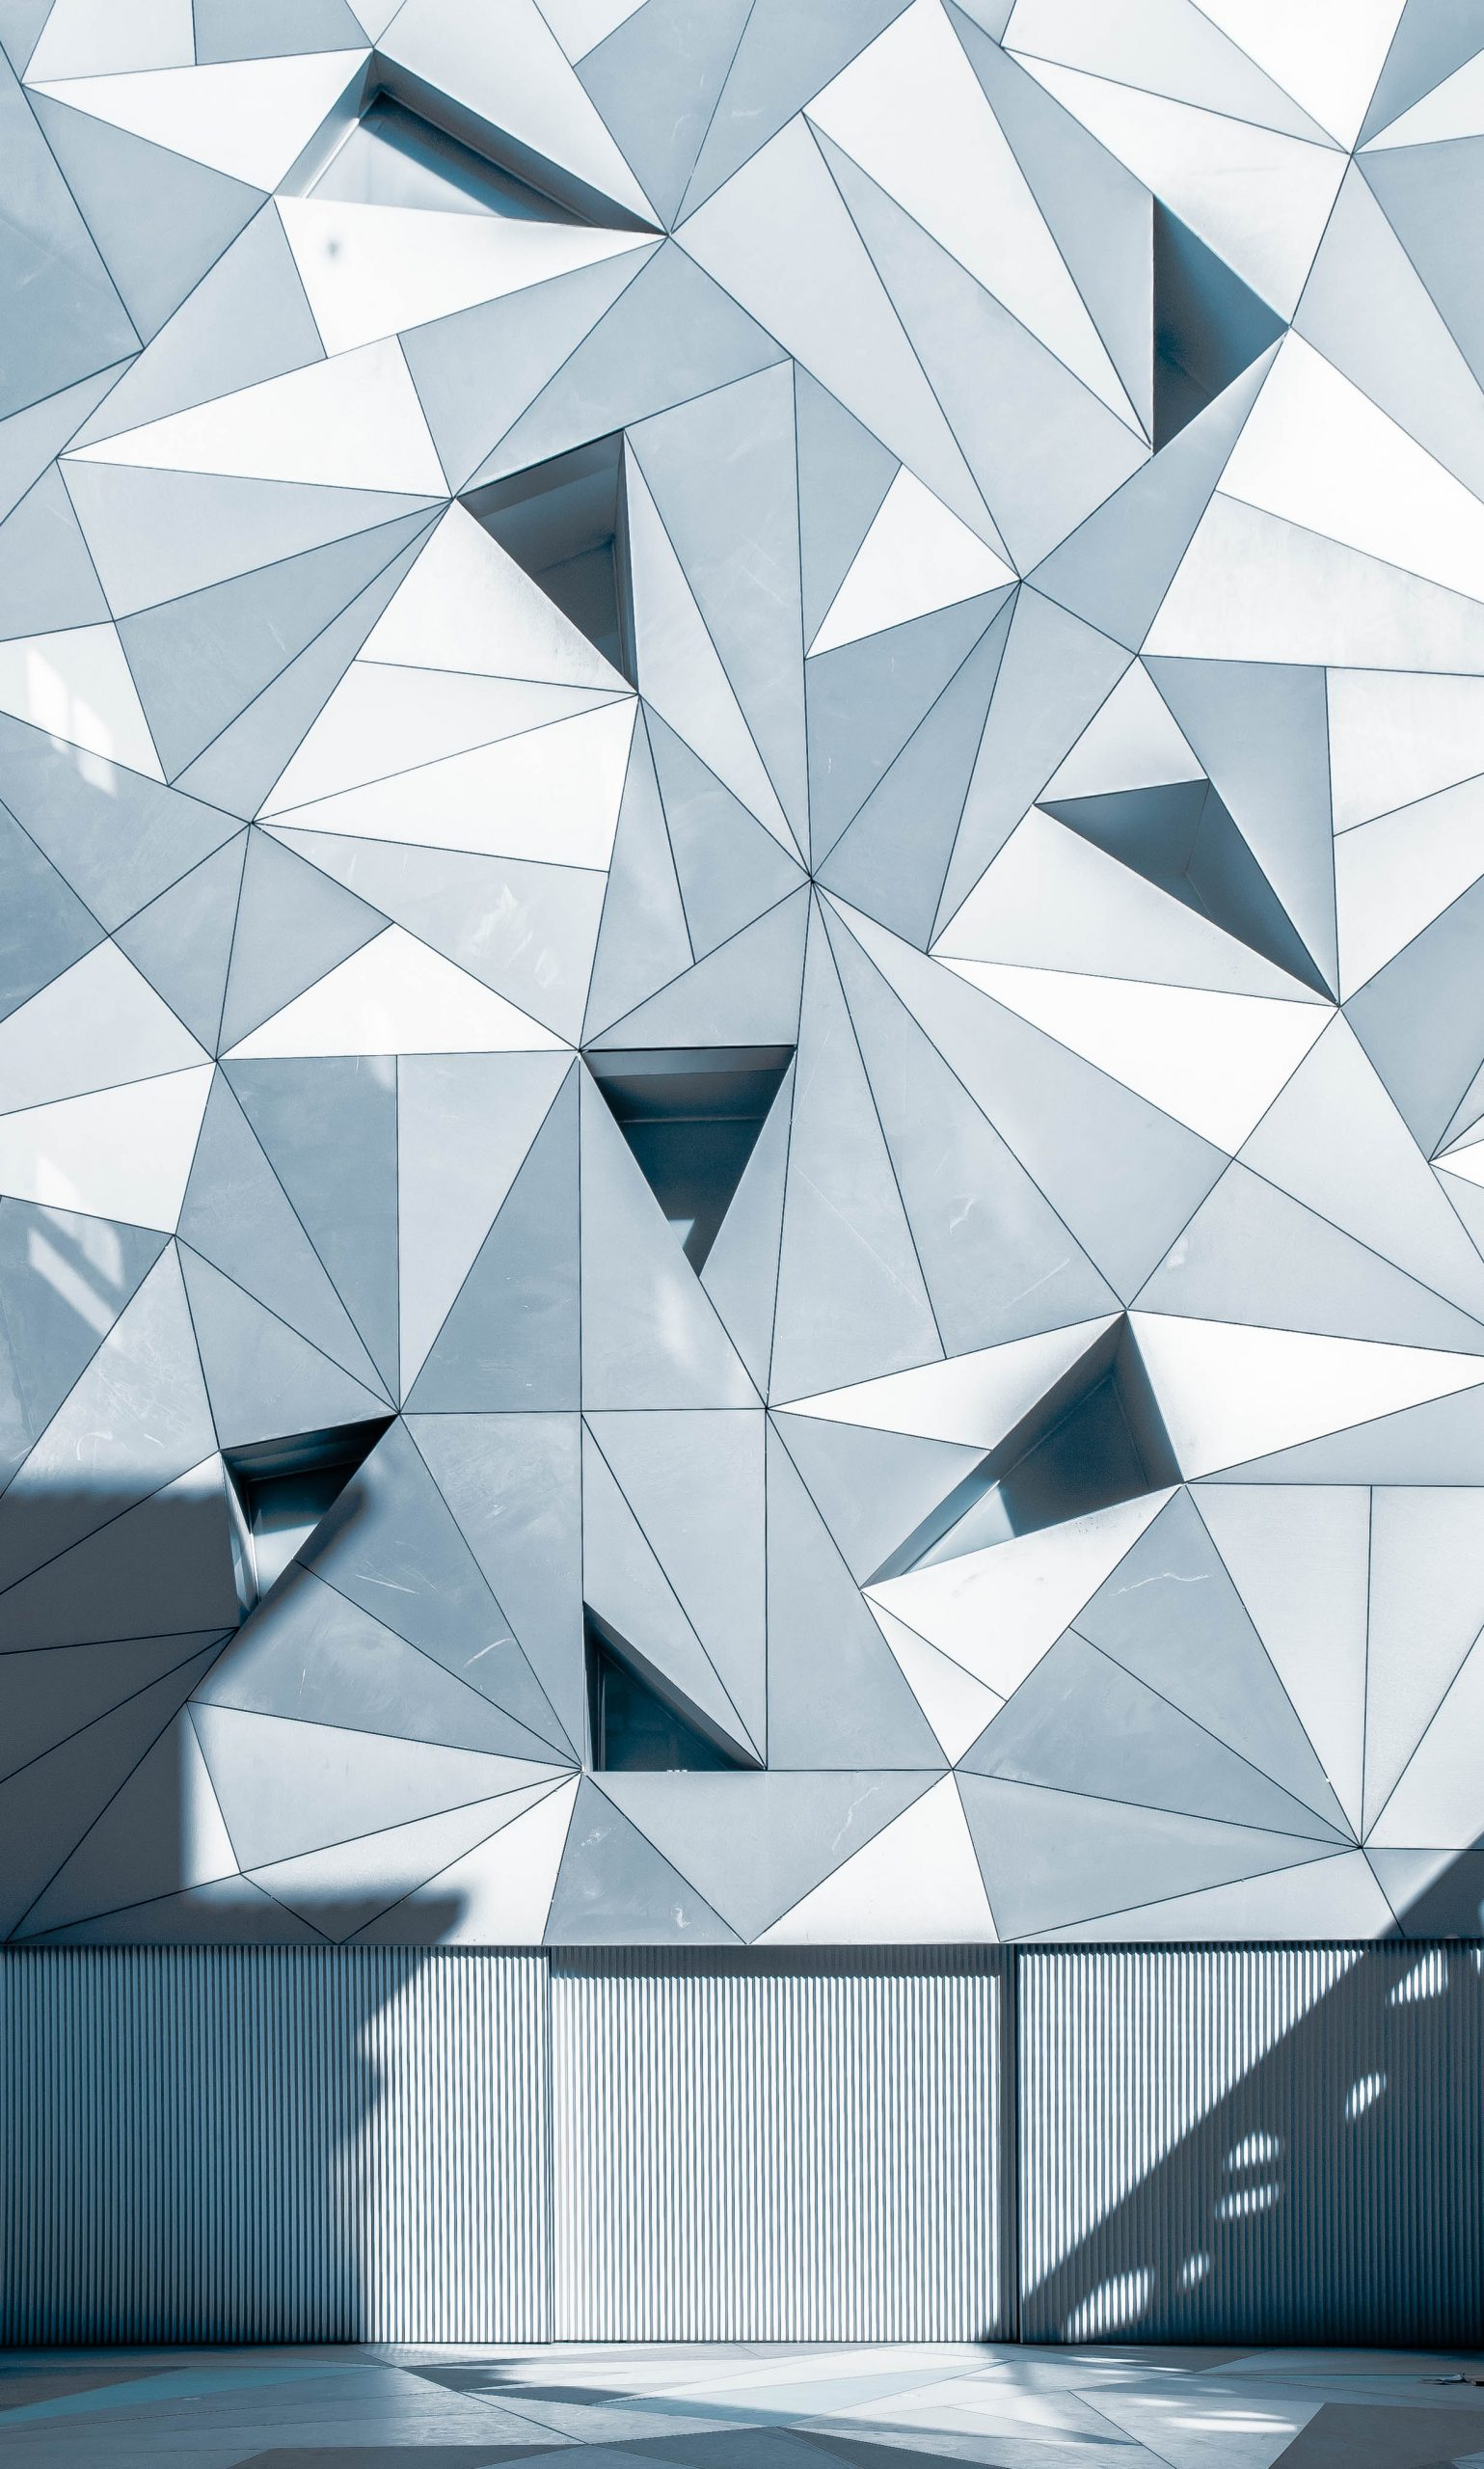 wallpaper Gray triangles on a facade